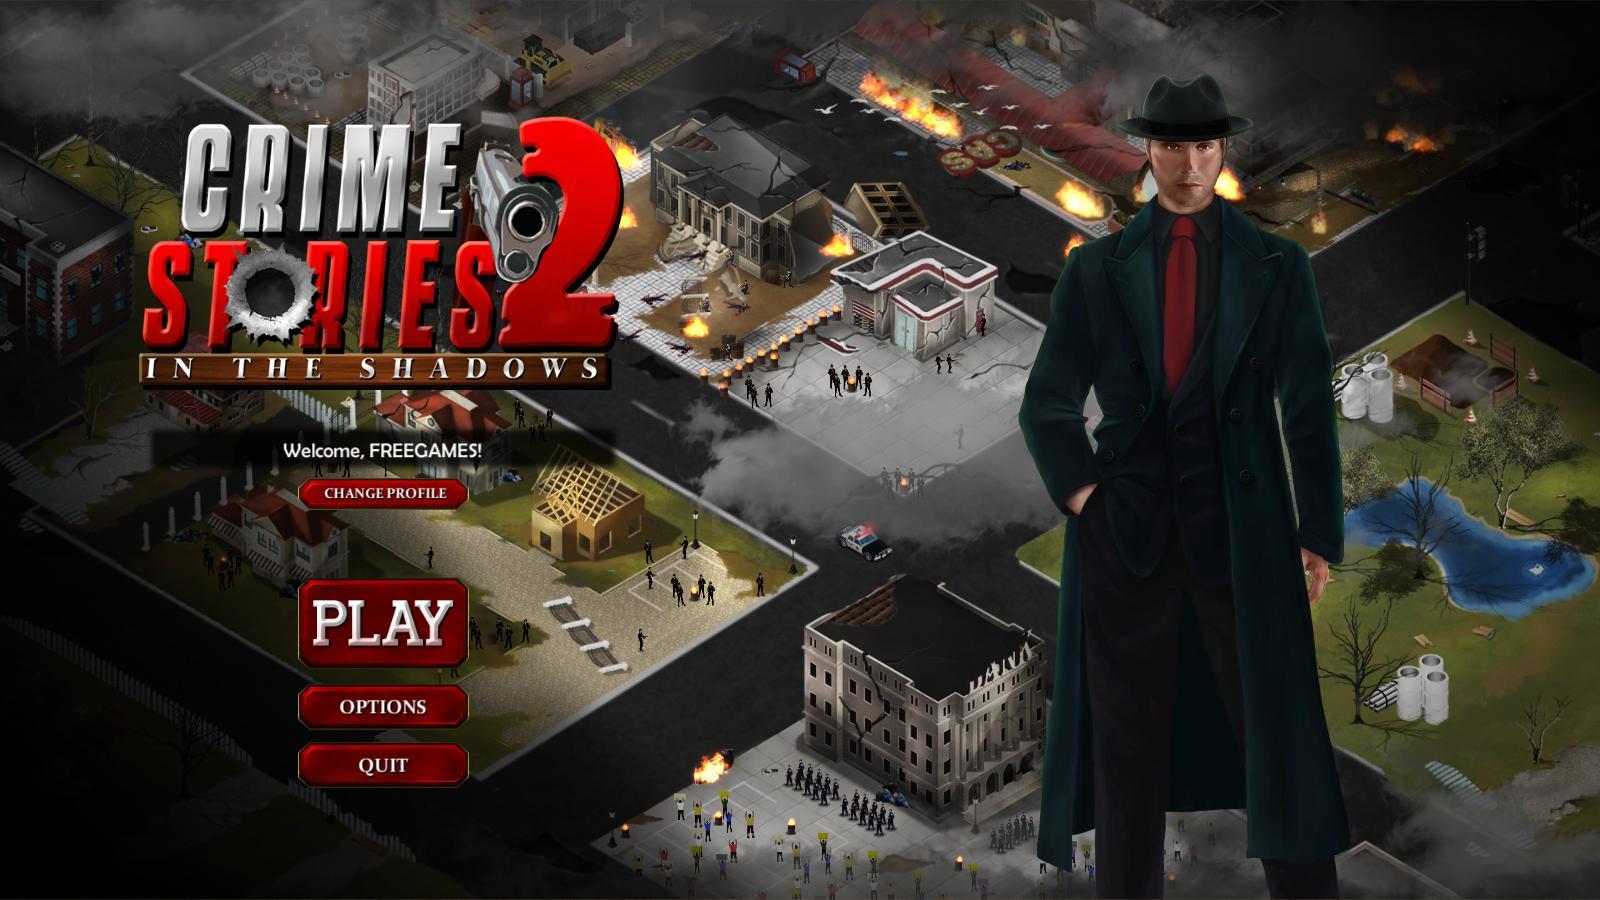 Криминальные истории 2: В тени | Crime Stories 2: In the Shadows (En)